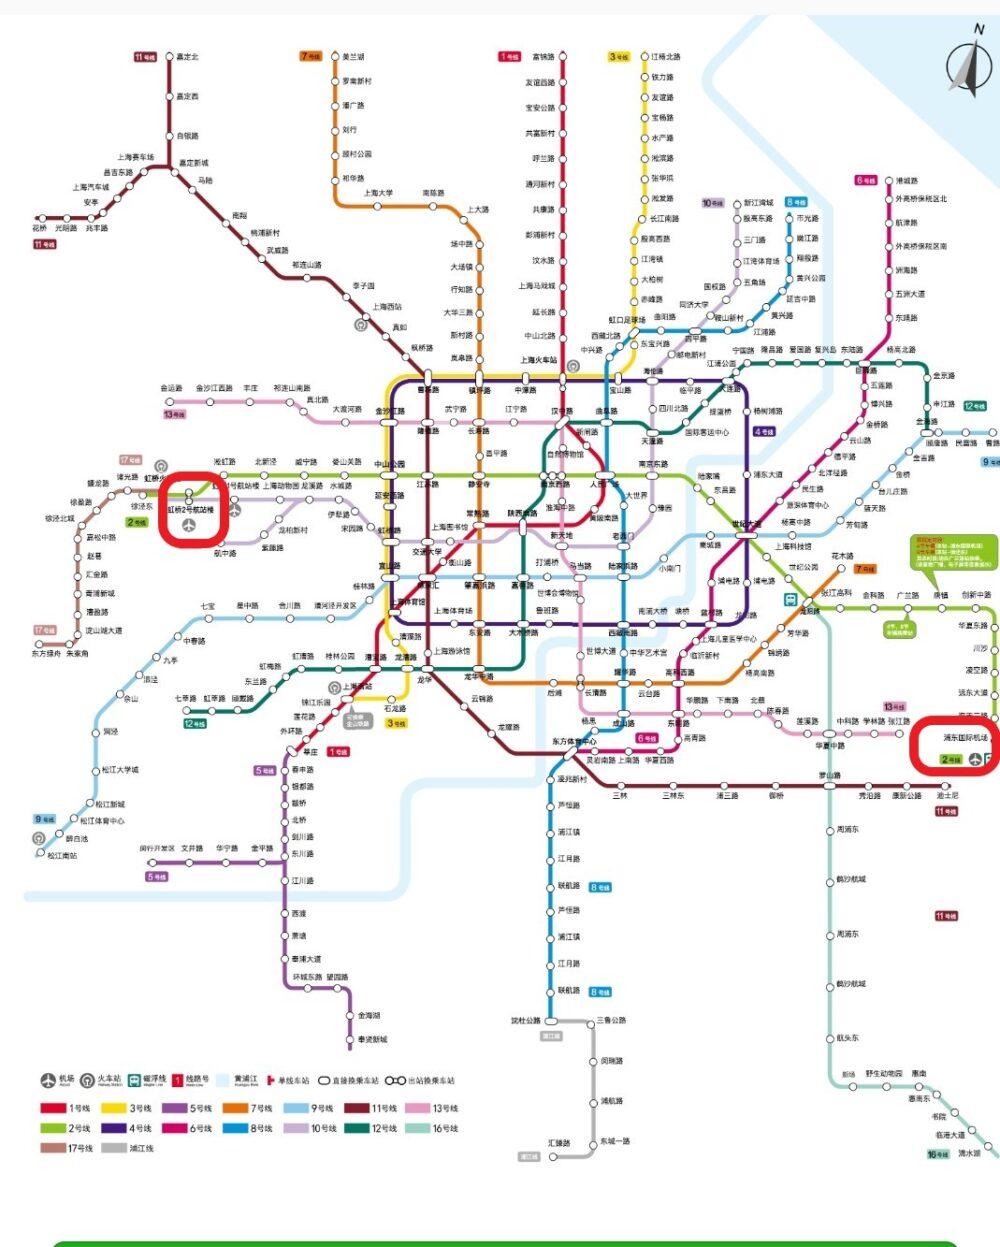 上海地下鉄の路線図で虹橋国際空港と浦東国際空港の位置を示した写真